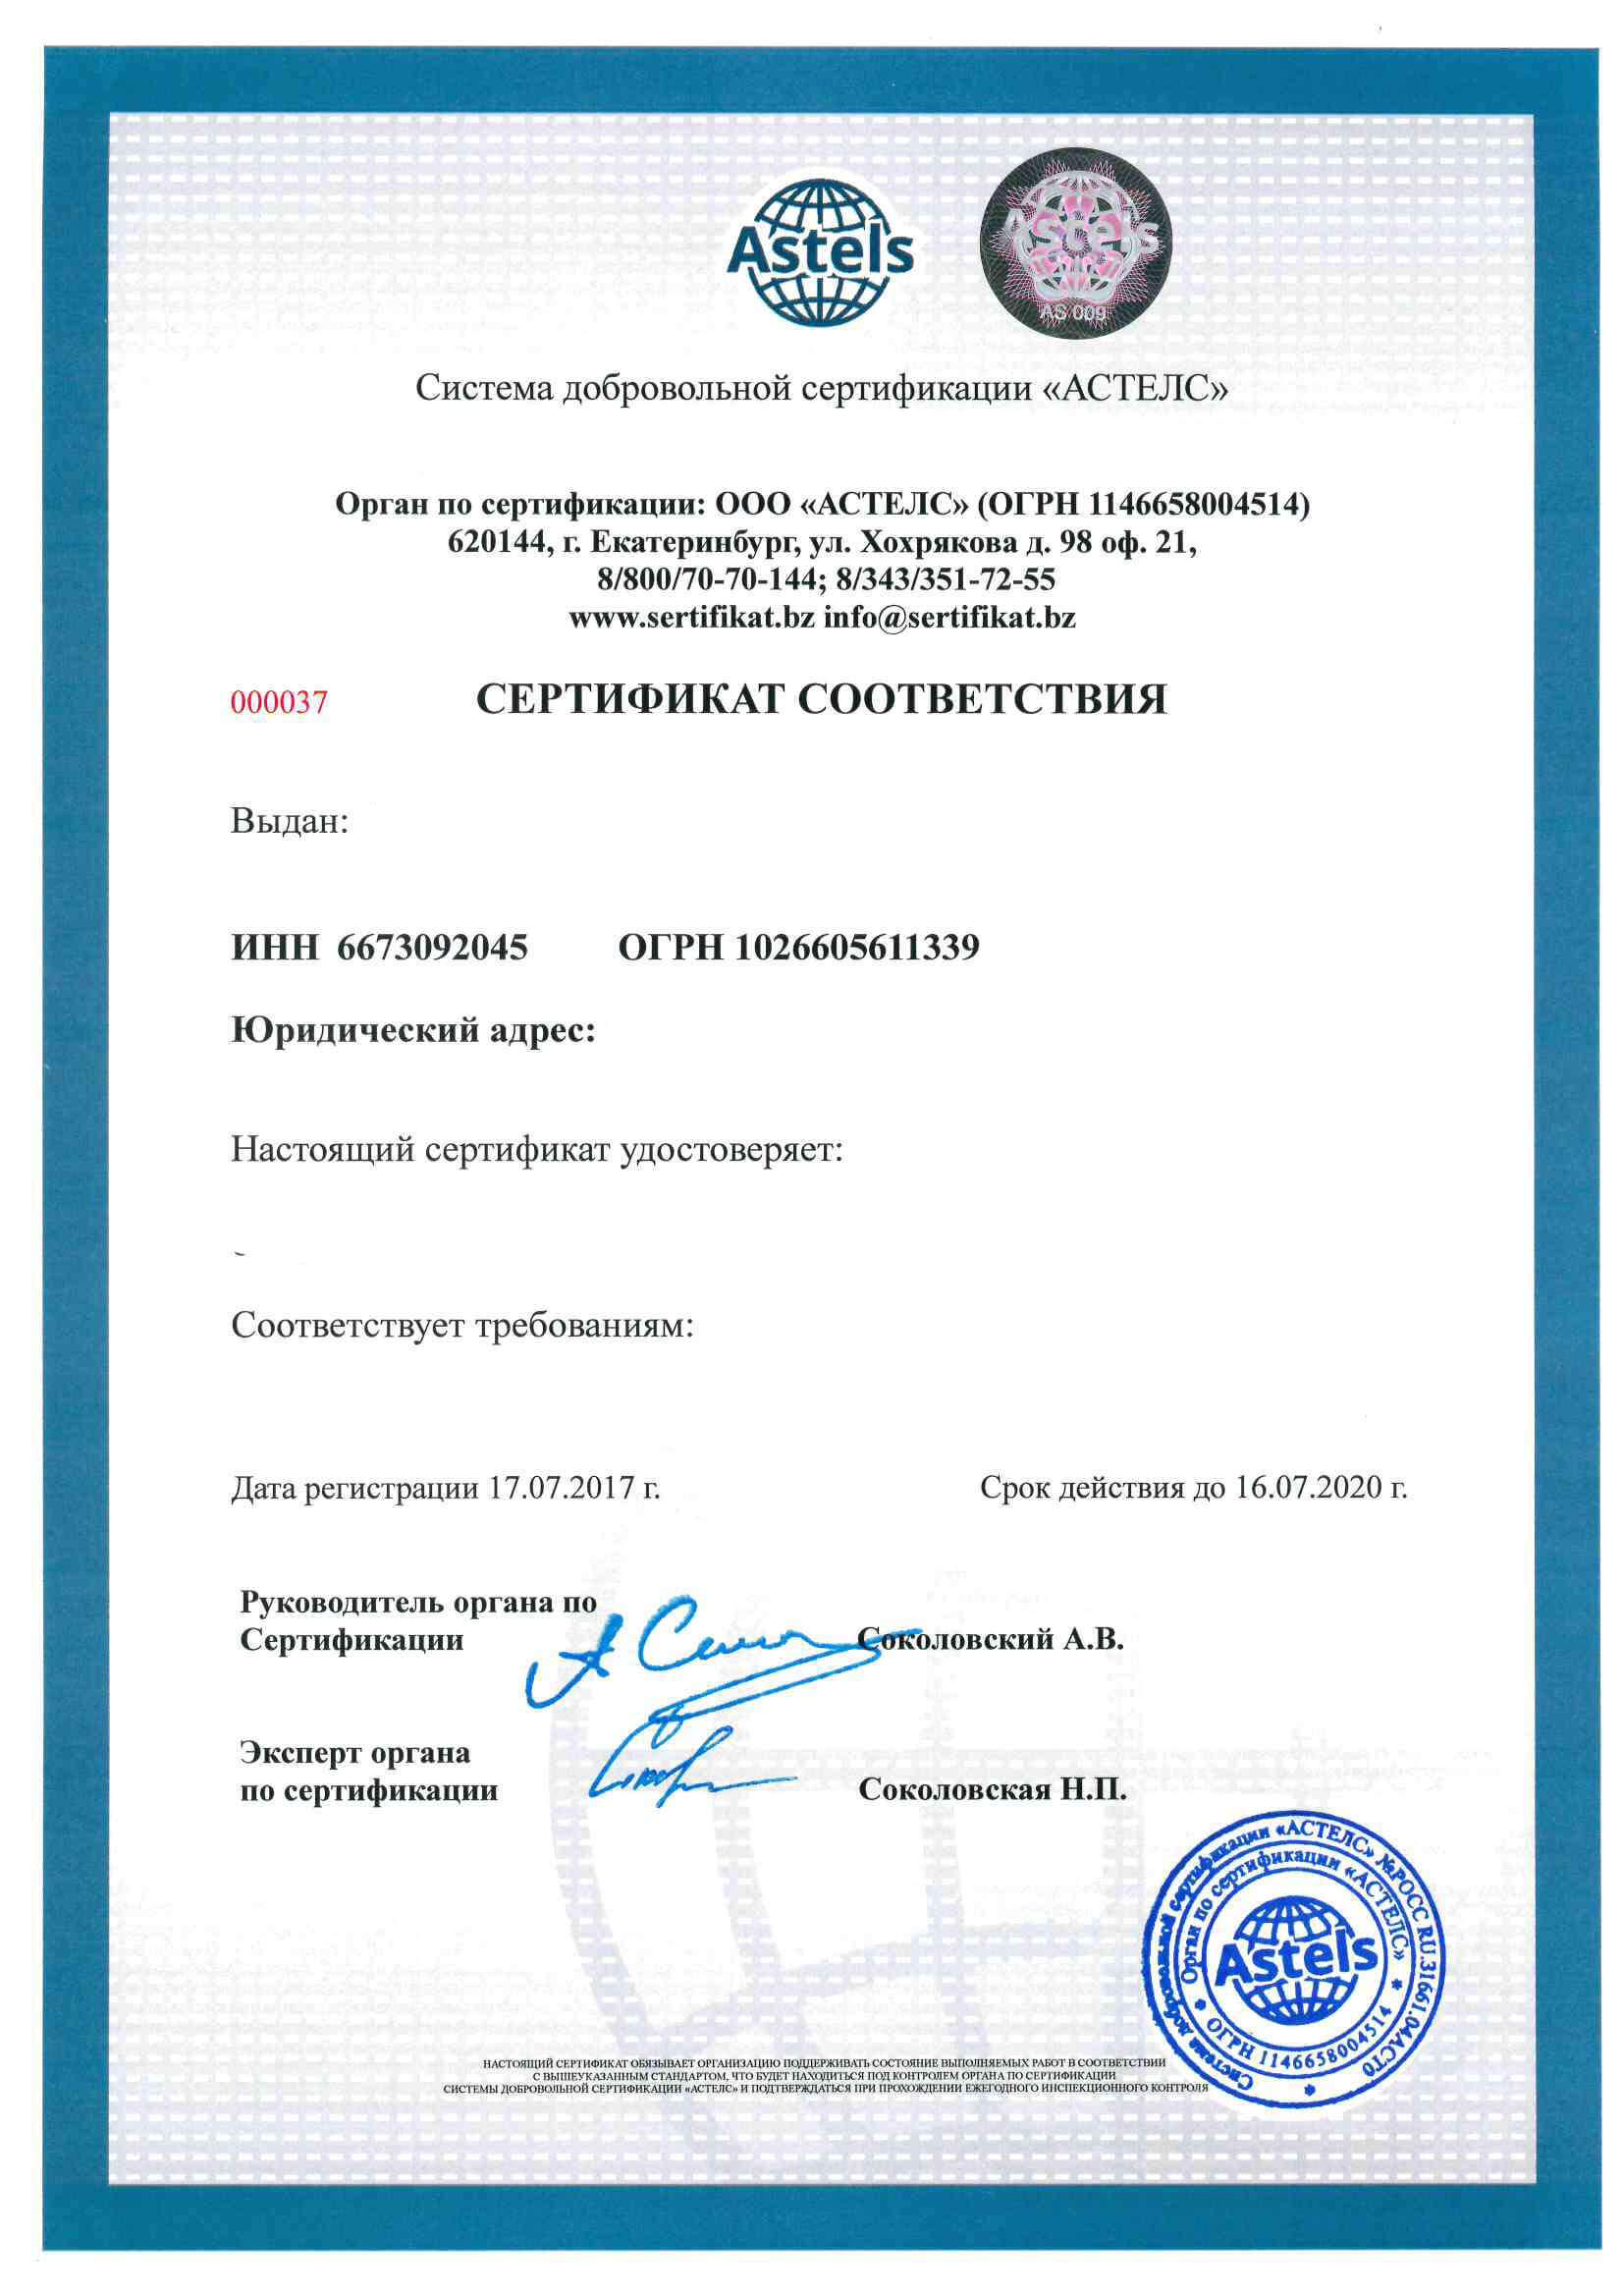 Сертификация iso на швейное предприятие получение сертификата iata